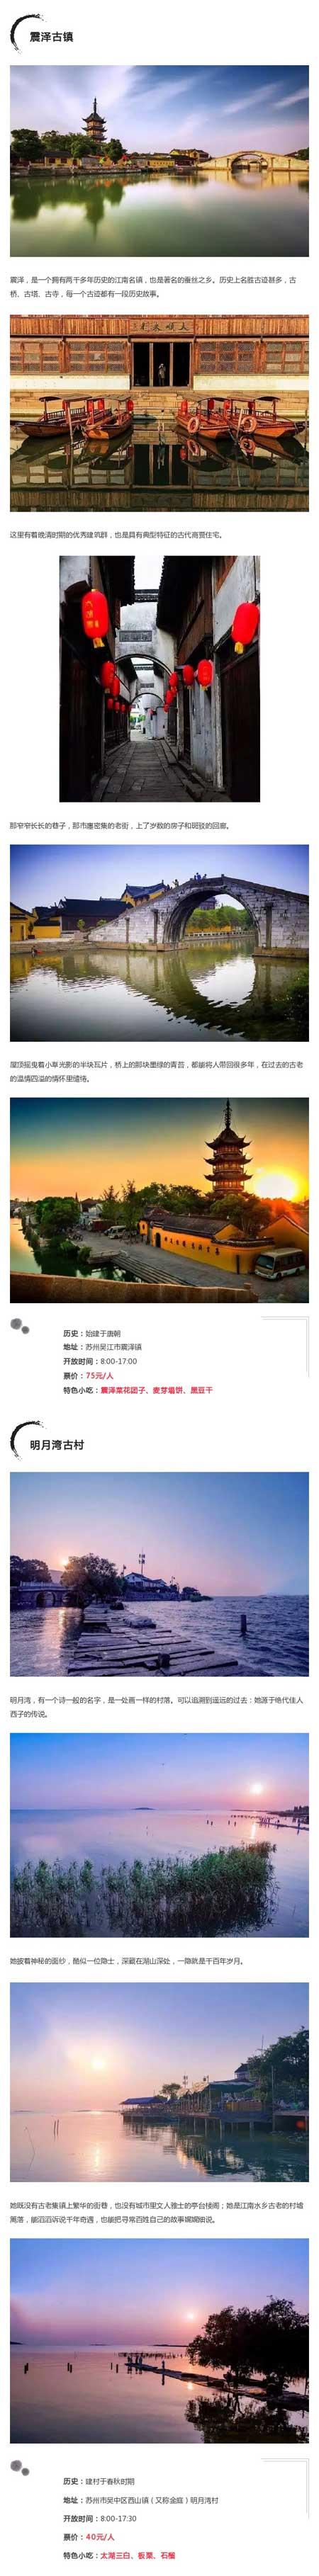 江苏最美丽的古镇都在这里了!